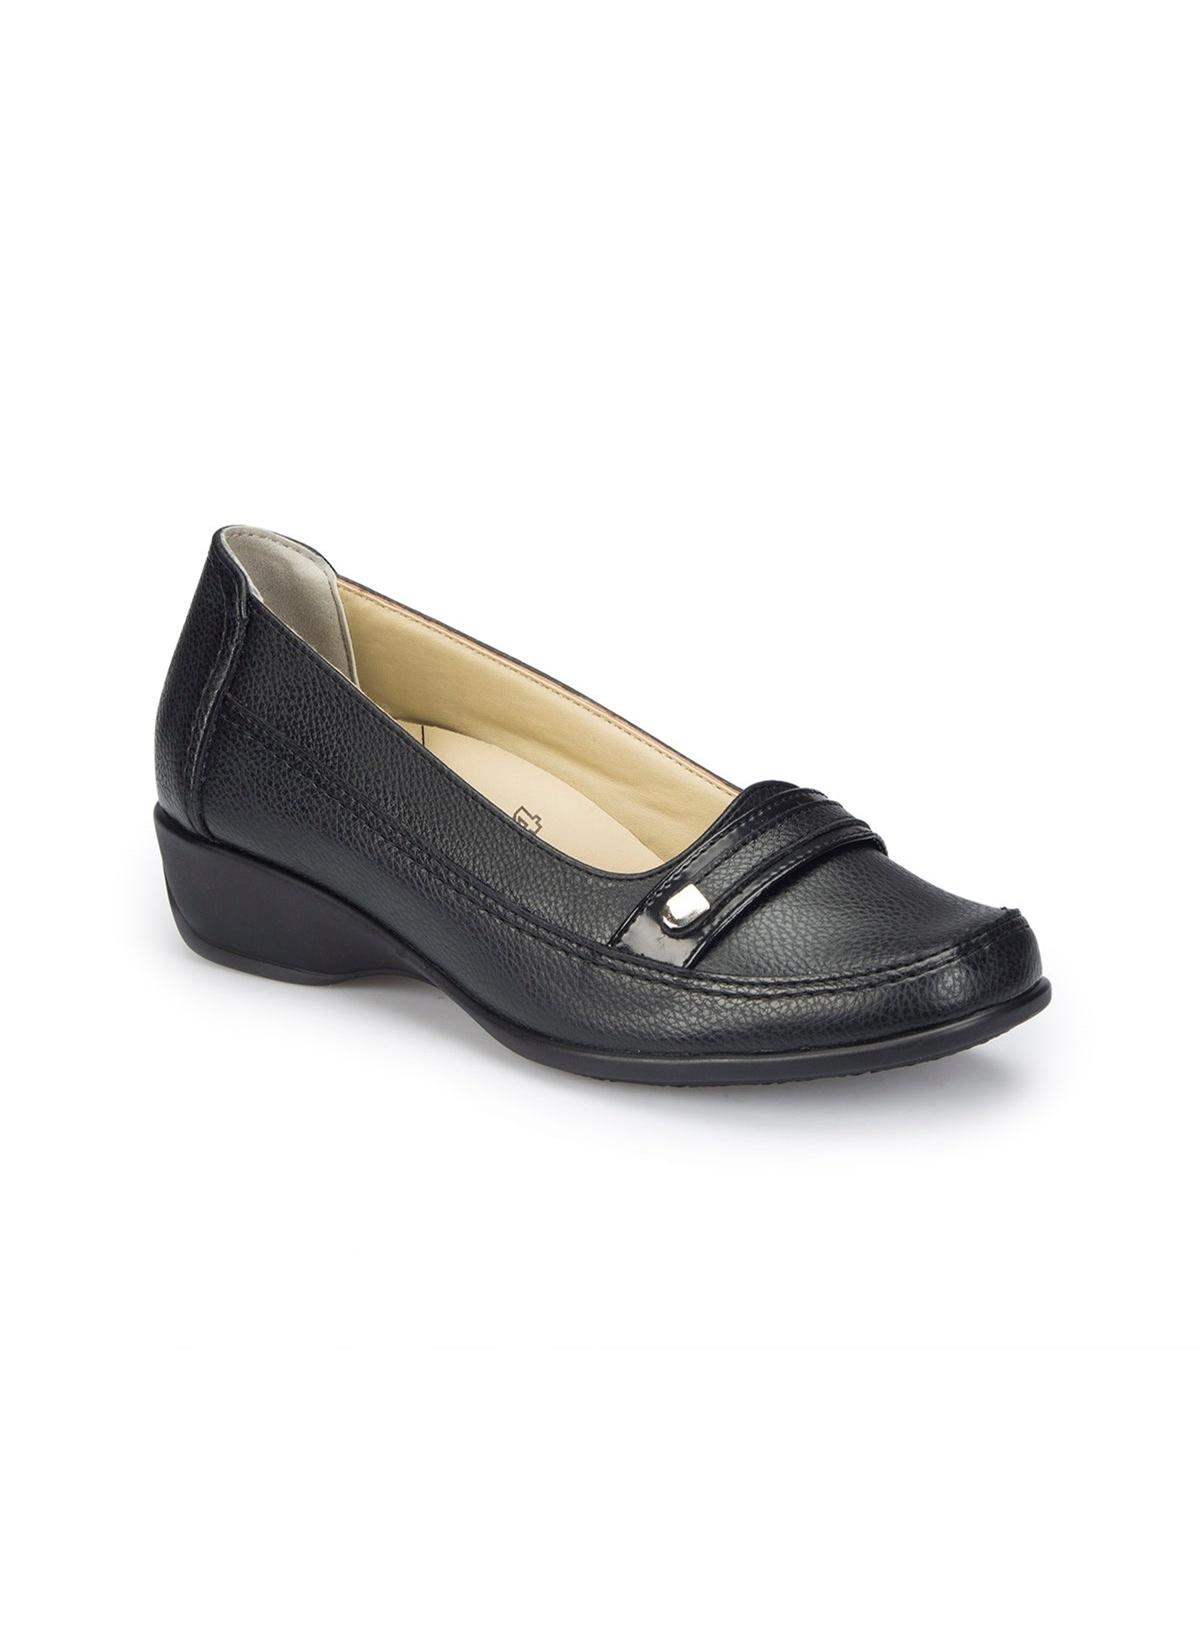 Polaris Ayakkabı 81.111002.z Basic Comfort – 99.99 TL